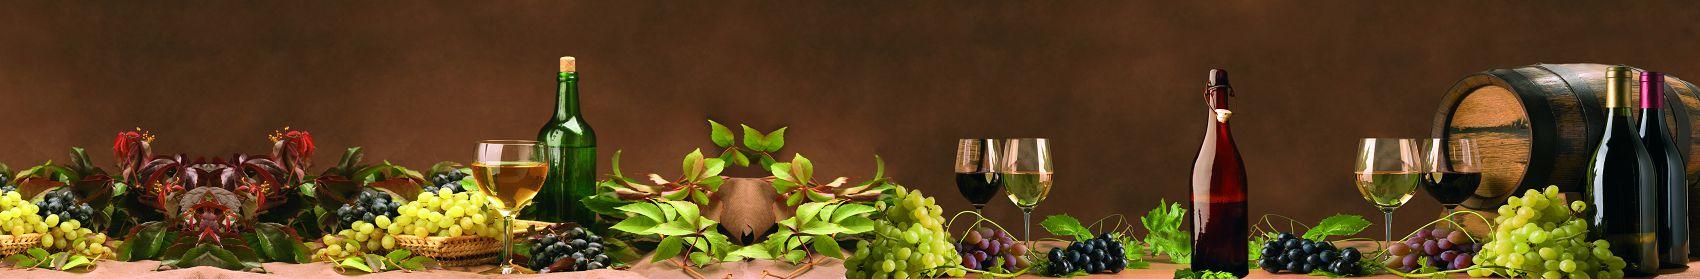 Кухонный фартук вино, виноград фужер